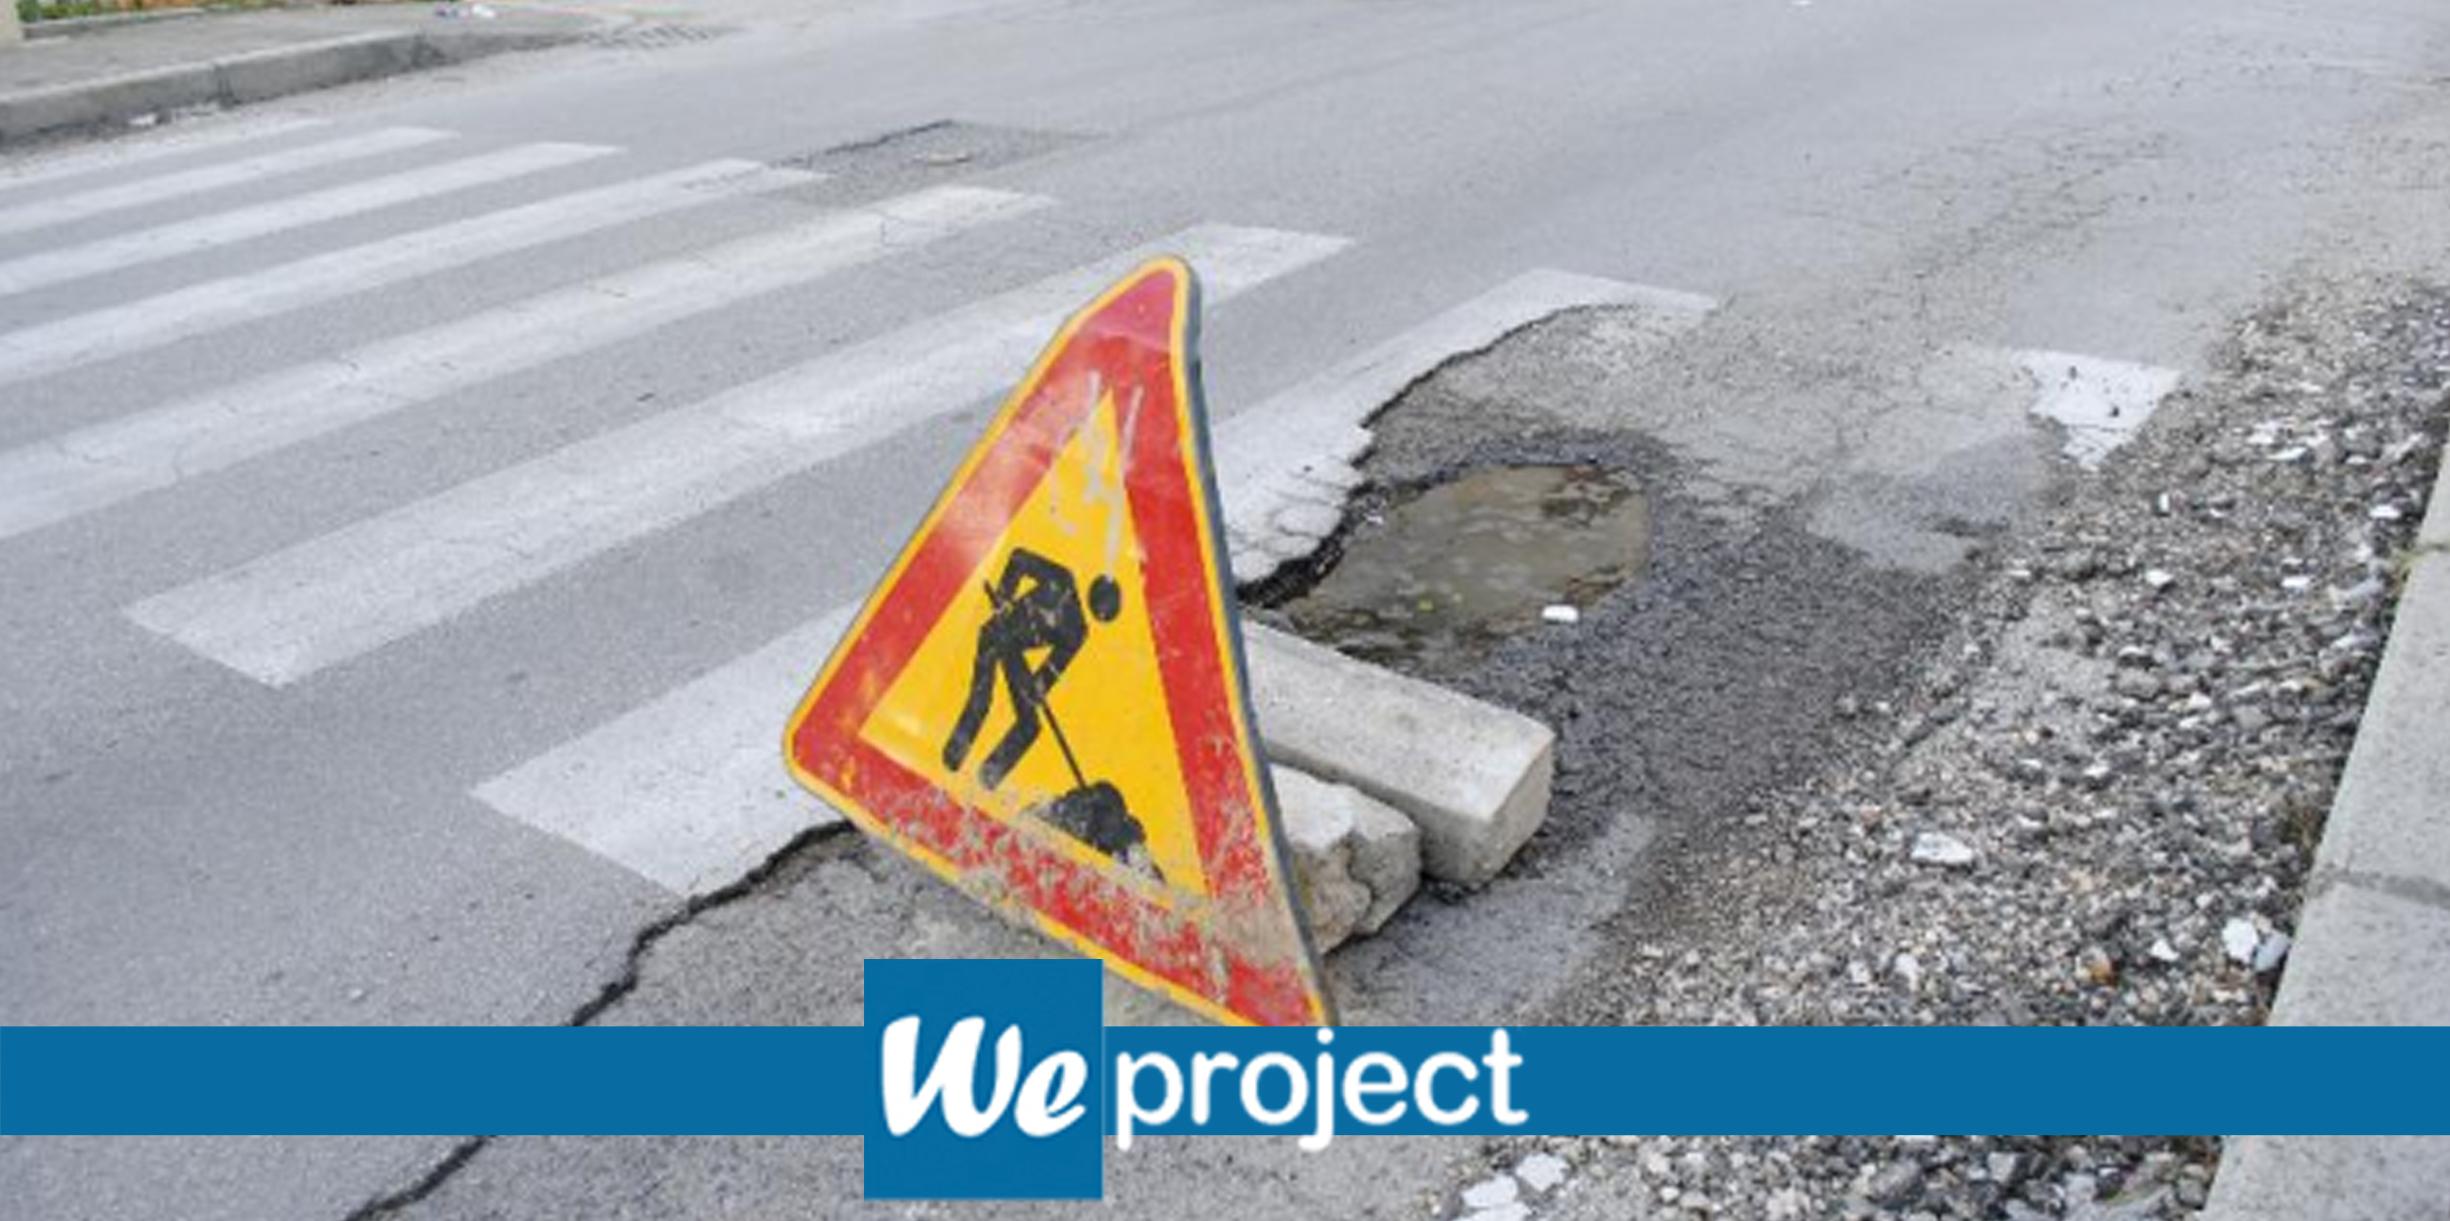 Messa in sicurezza infrastrutture